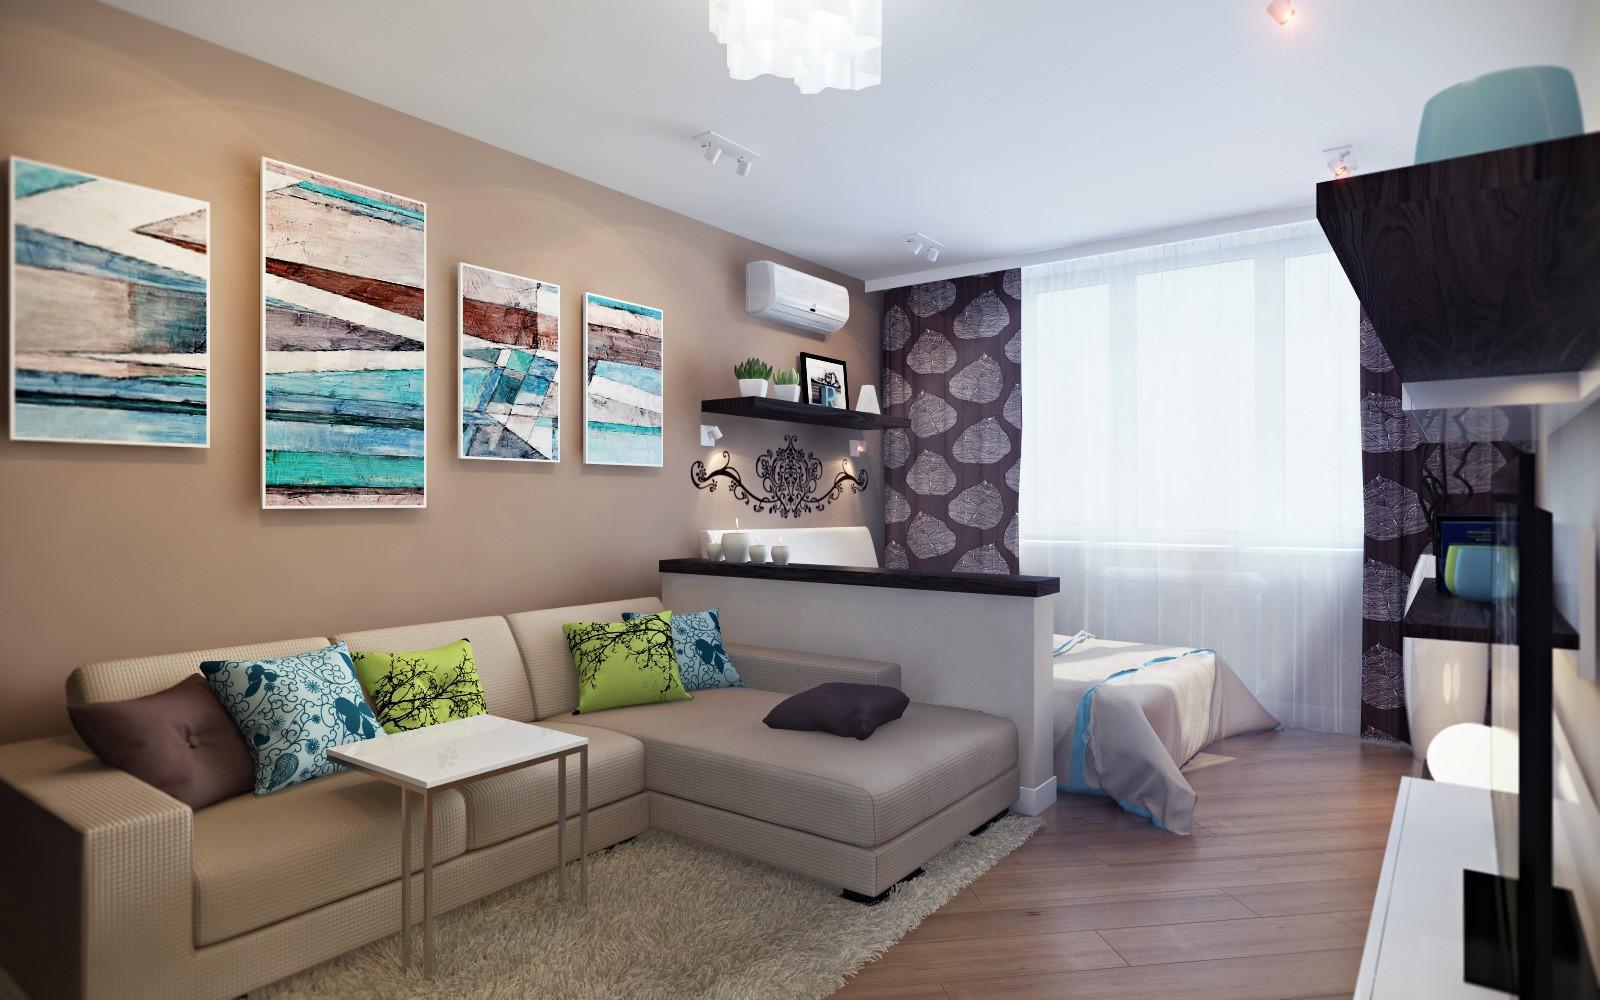 Как обустроить интерьер однокомнатной квартиры